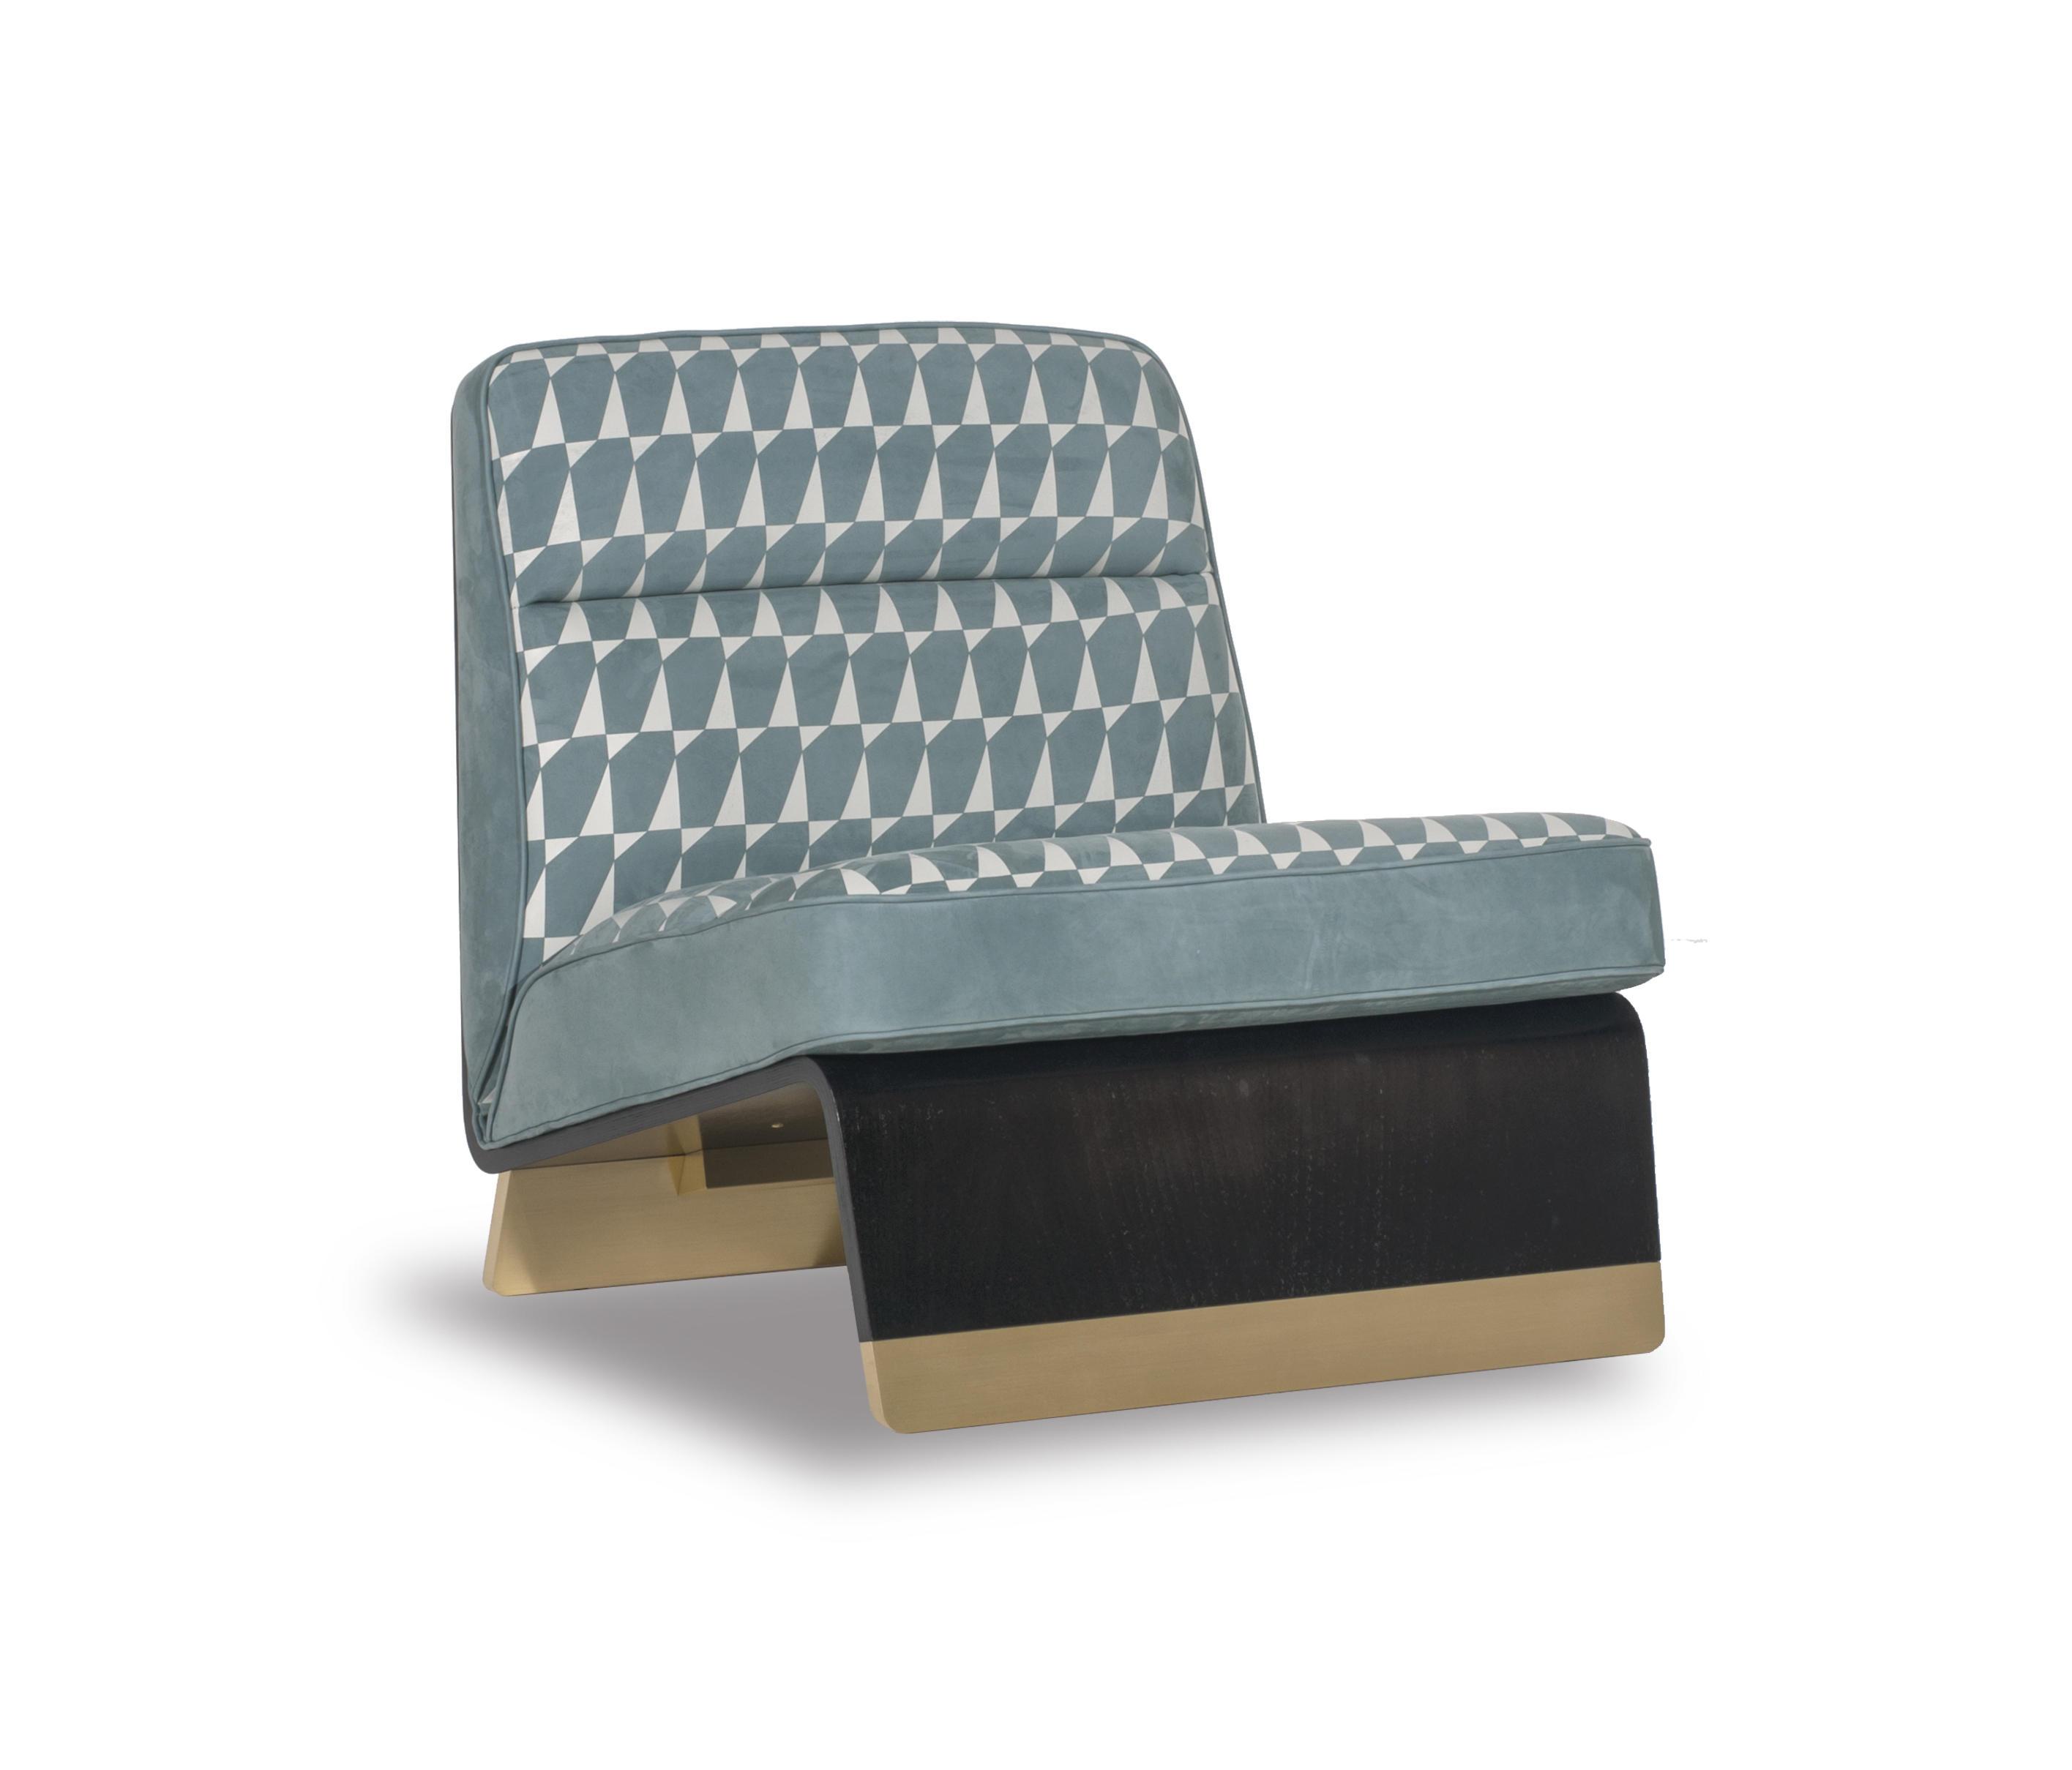 Greta poltrone poltrone lounge baxter architonic for Baxter poltrone